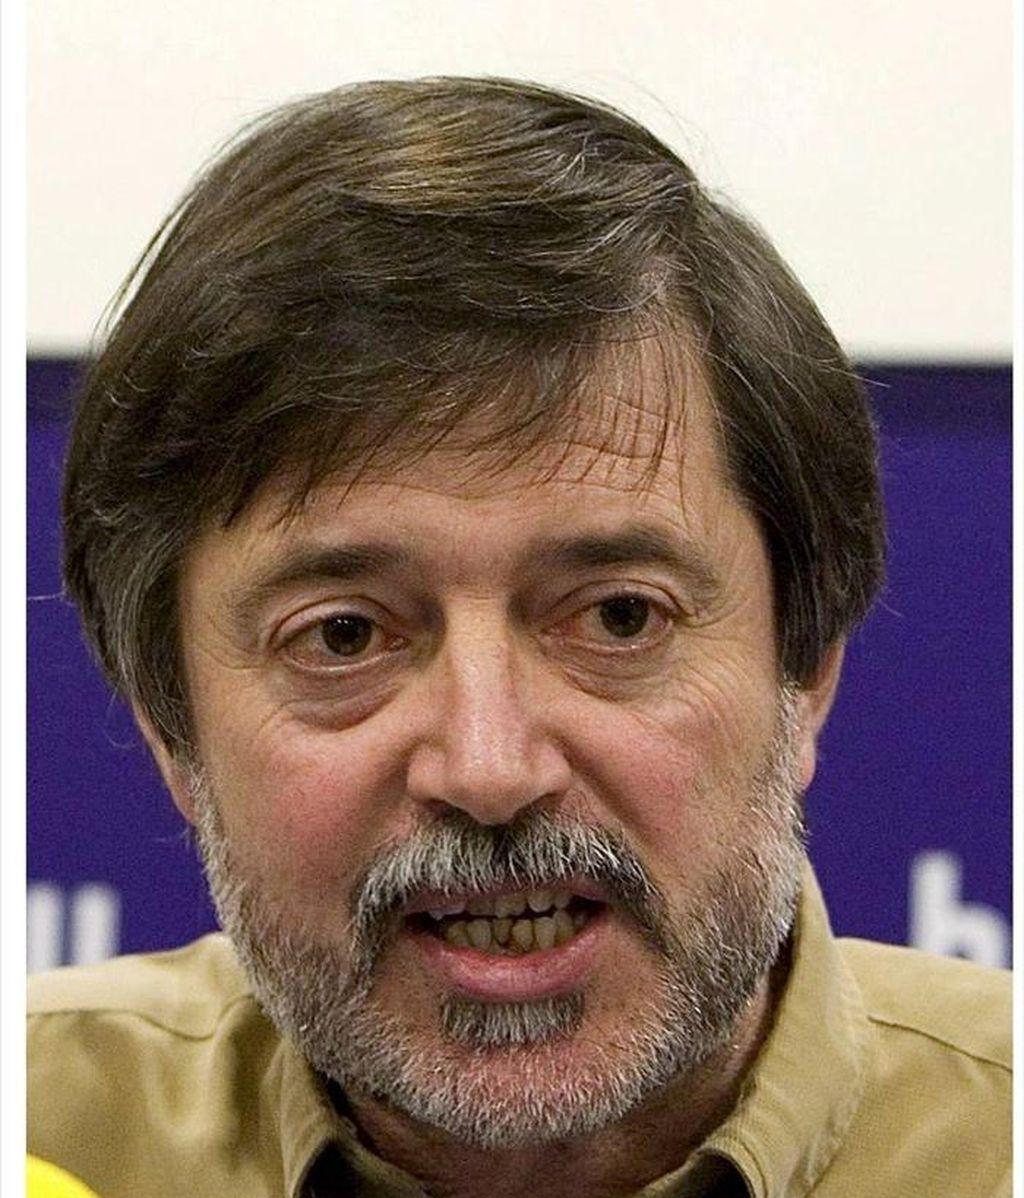 Fotografías de archivo del dirigente del ex líder del sindicato LAB, Rafael Díez Usabiaga. EFE/Archivo